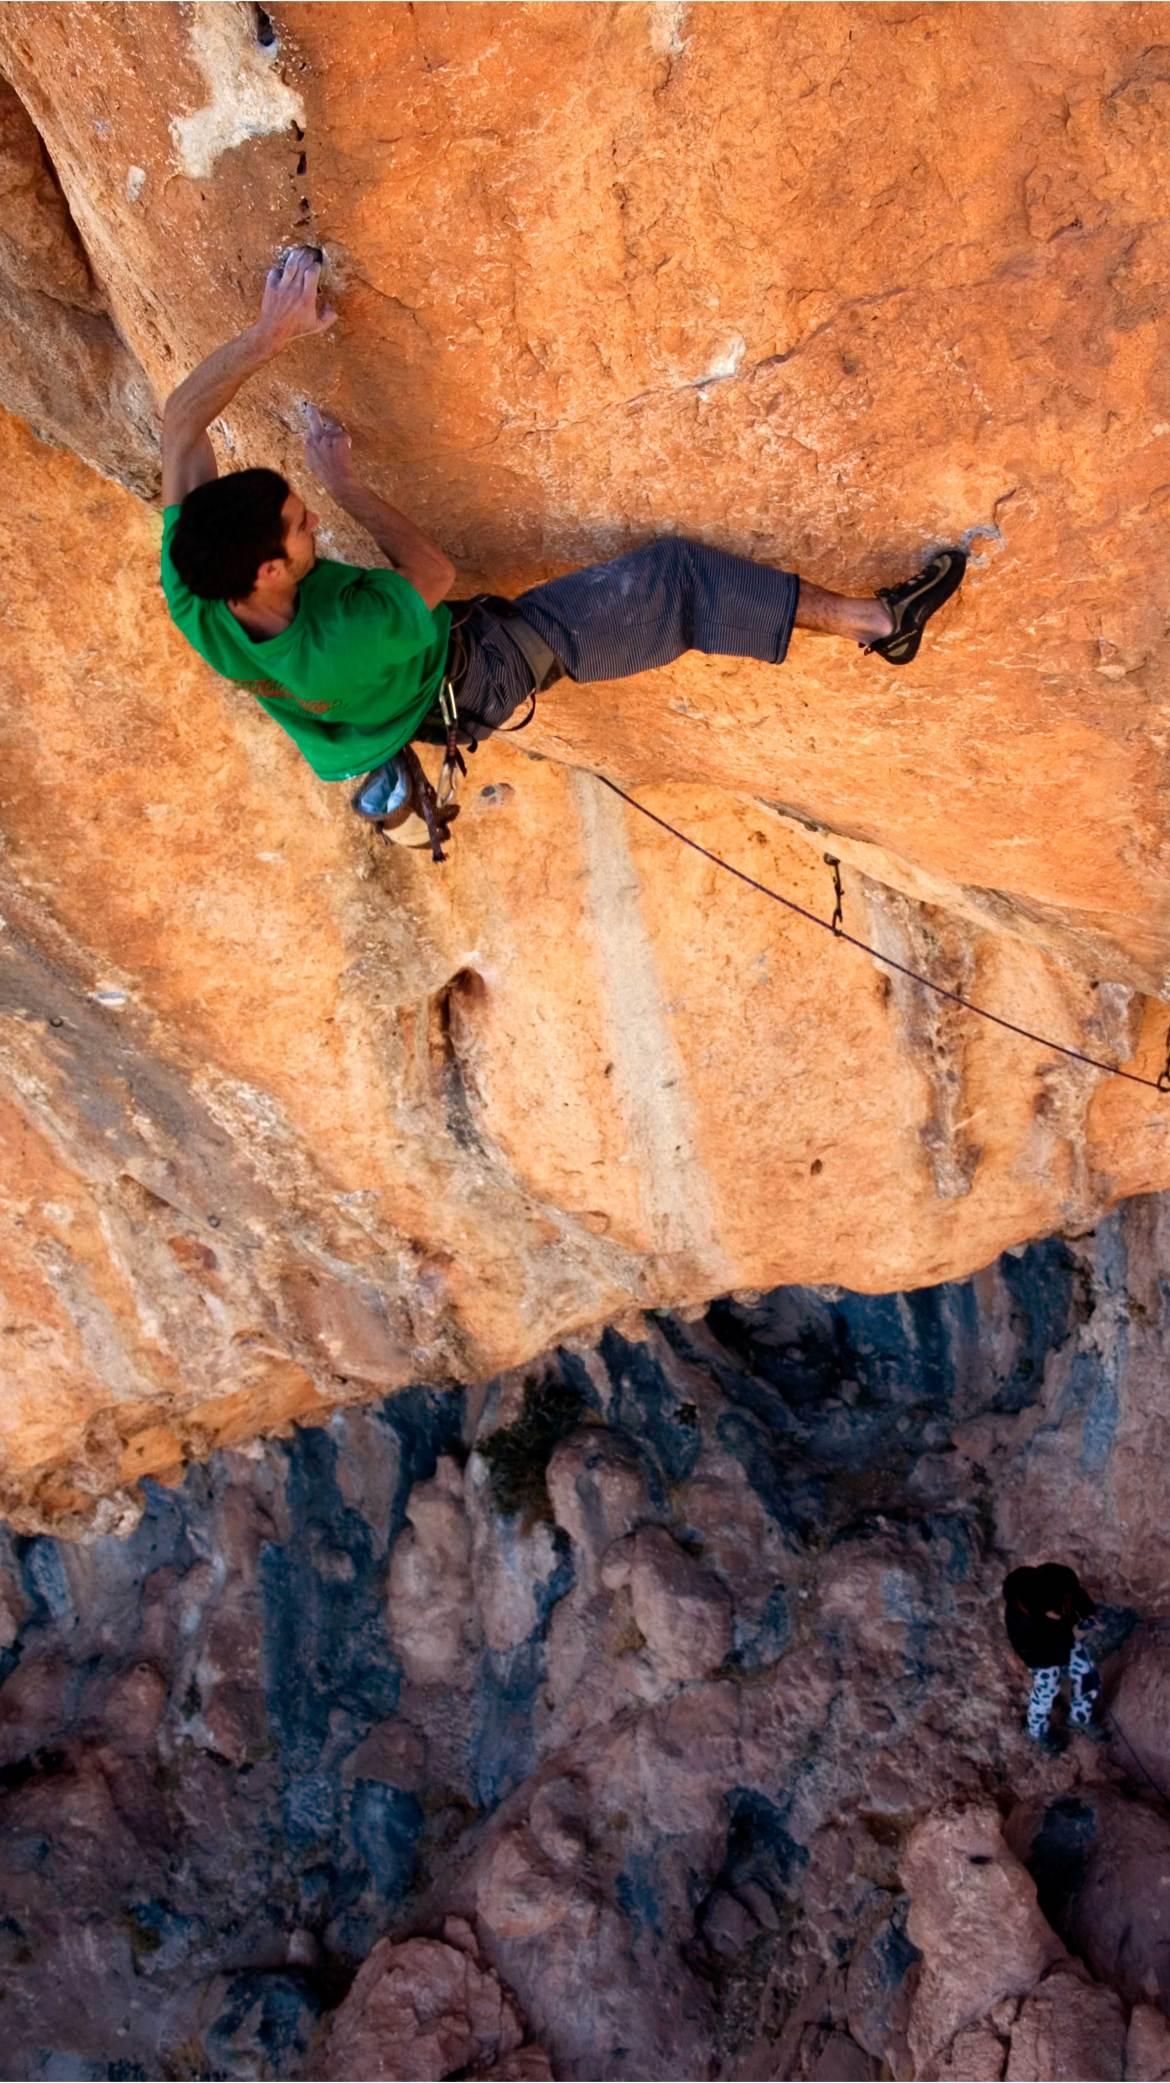 La escalada exige dedicación hacia la prevención de las lesiones